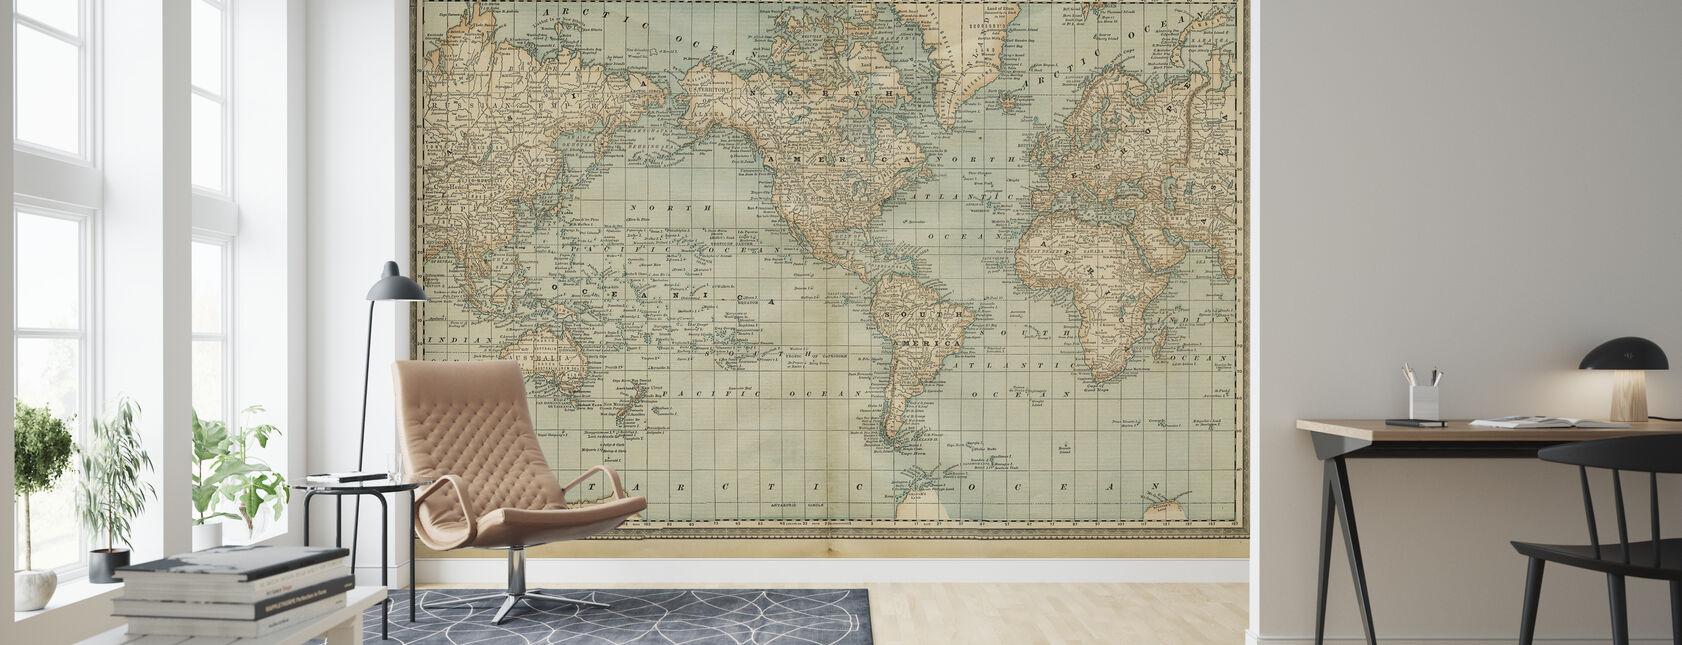 Pale Vintage Weltkarte - Tapete - Wohnzimmer